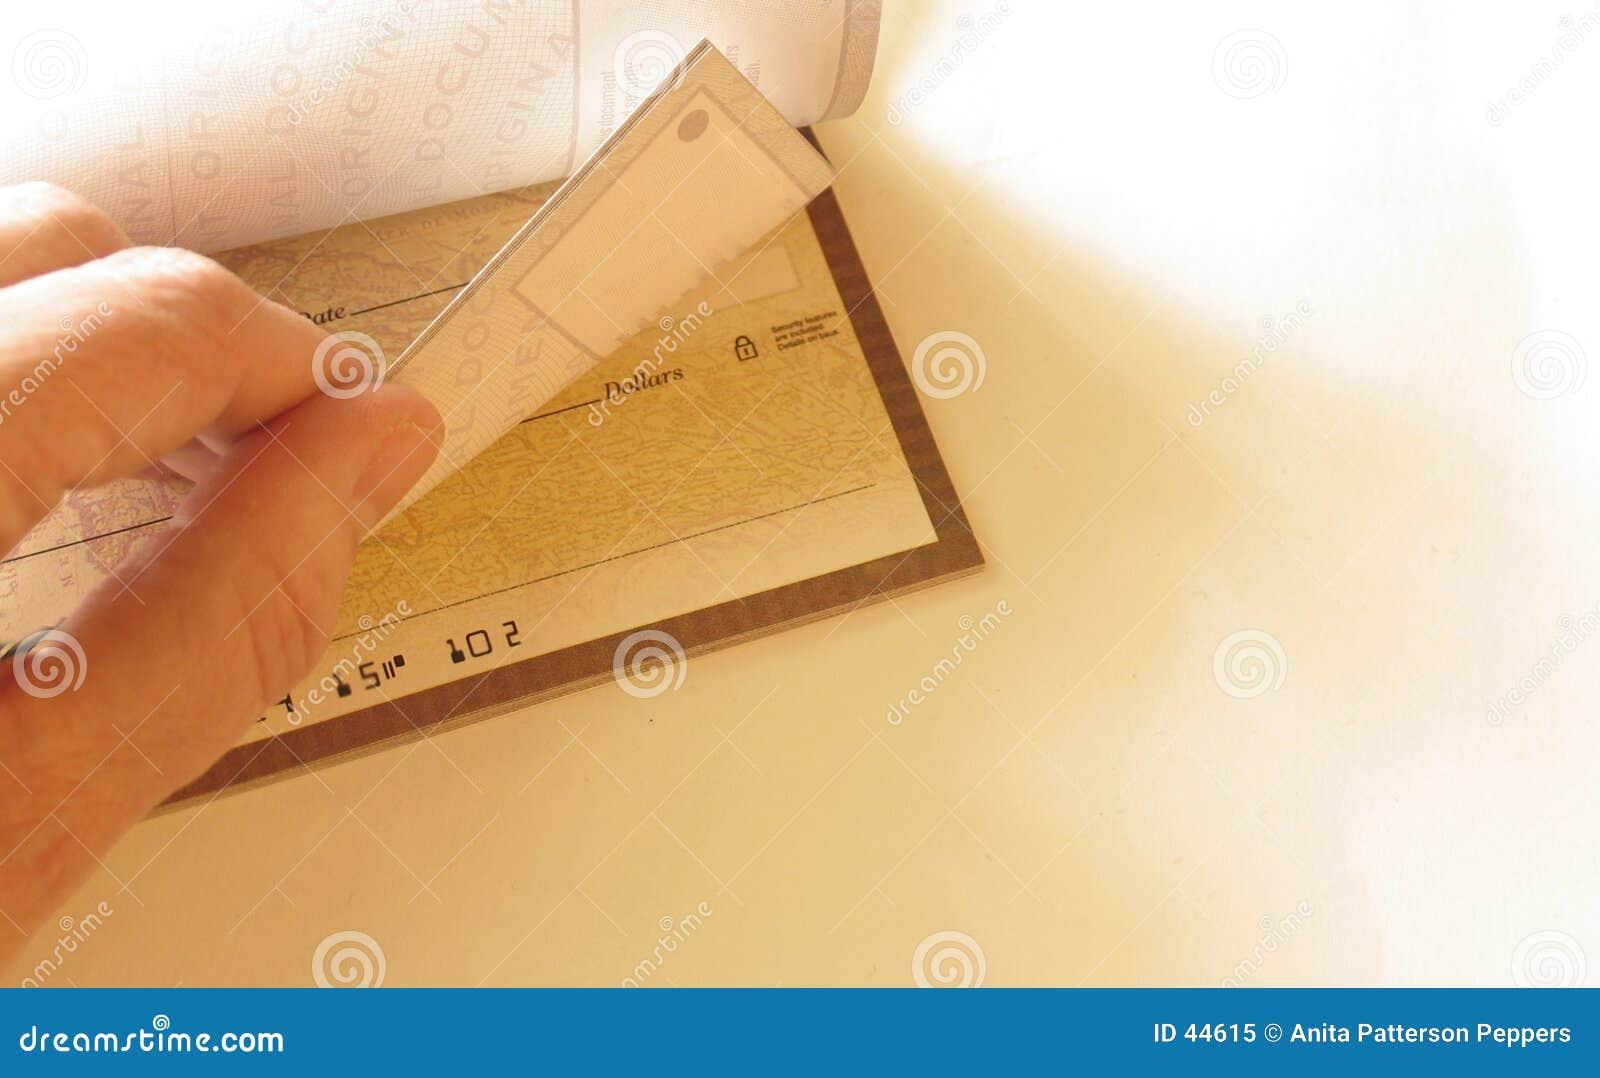 Download Scheckheft stockbild. Bild von scheck, zahlen, zahlt, finanzen - 44615